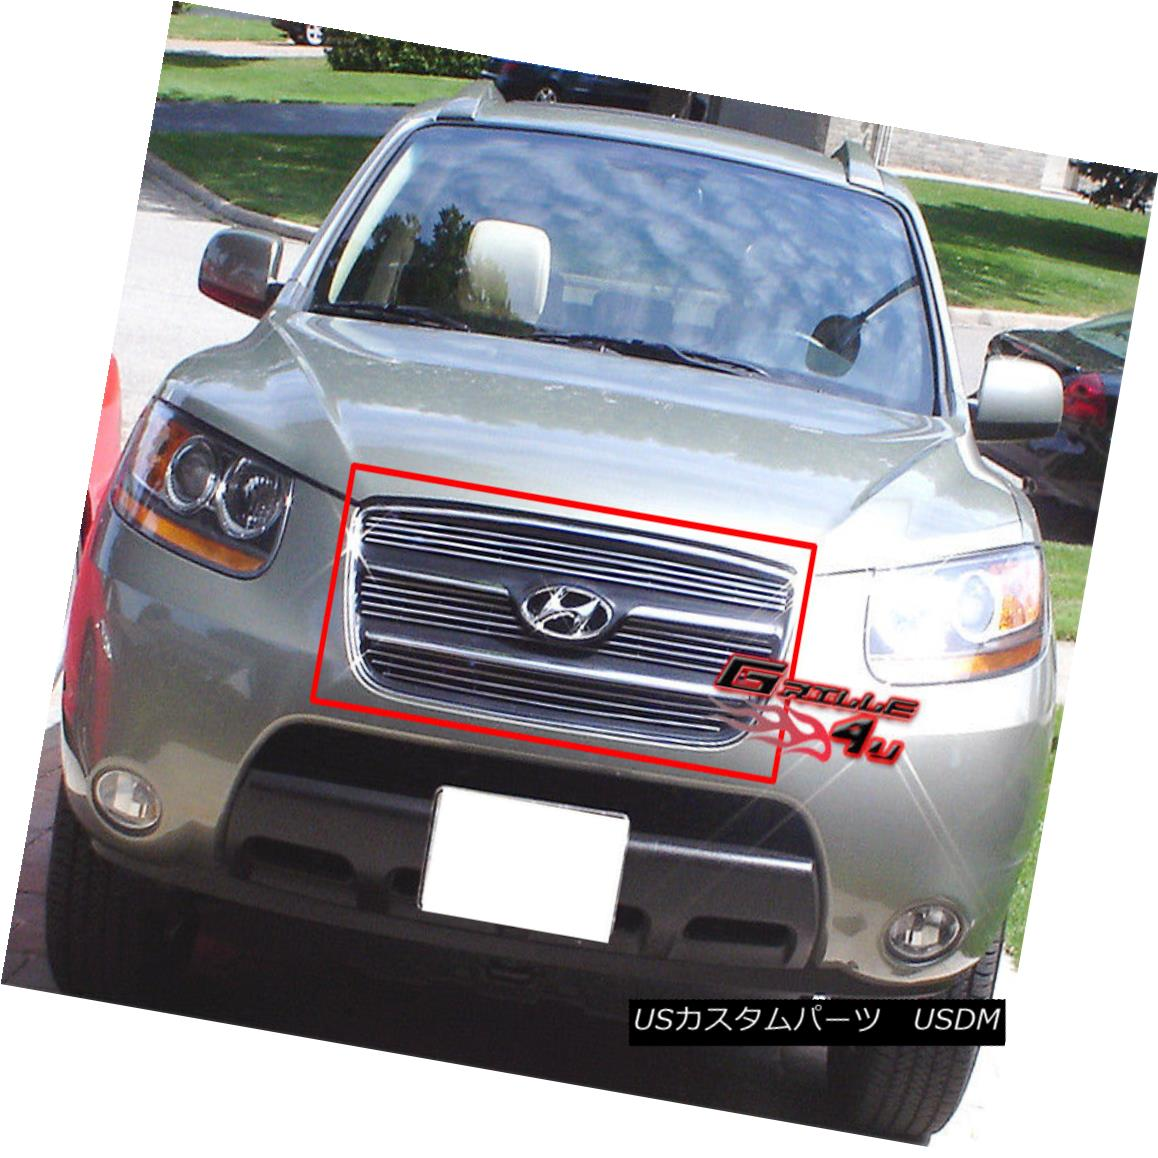 グリル Fits 2007-2009 Hyundai Santa Fe Billet Grille Insert 2007-2009現代サンタフェビレットグリルインサートに適合